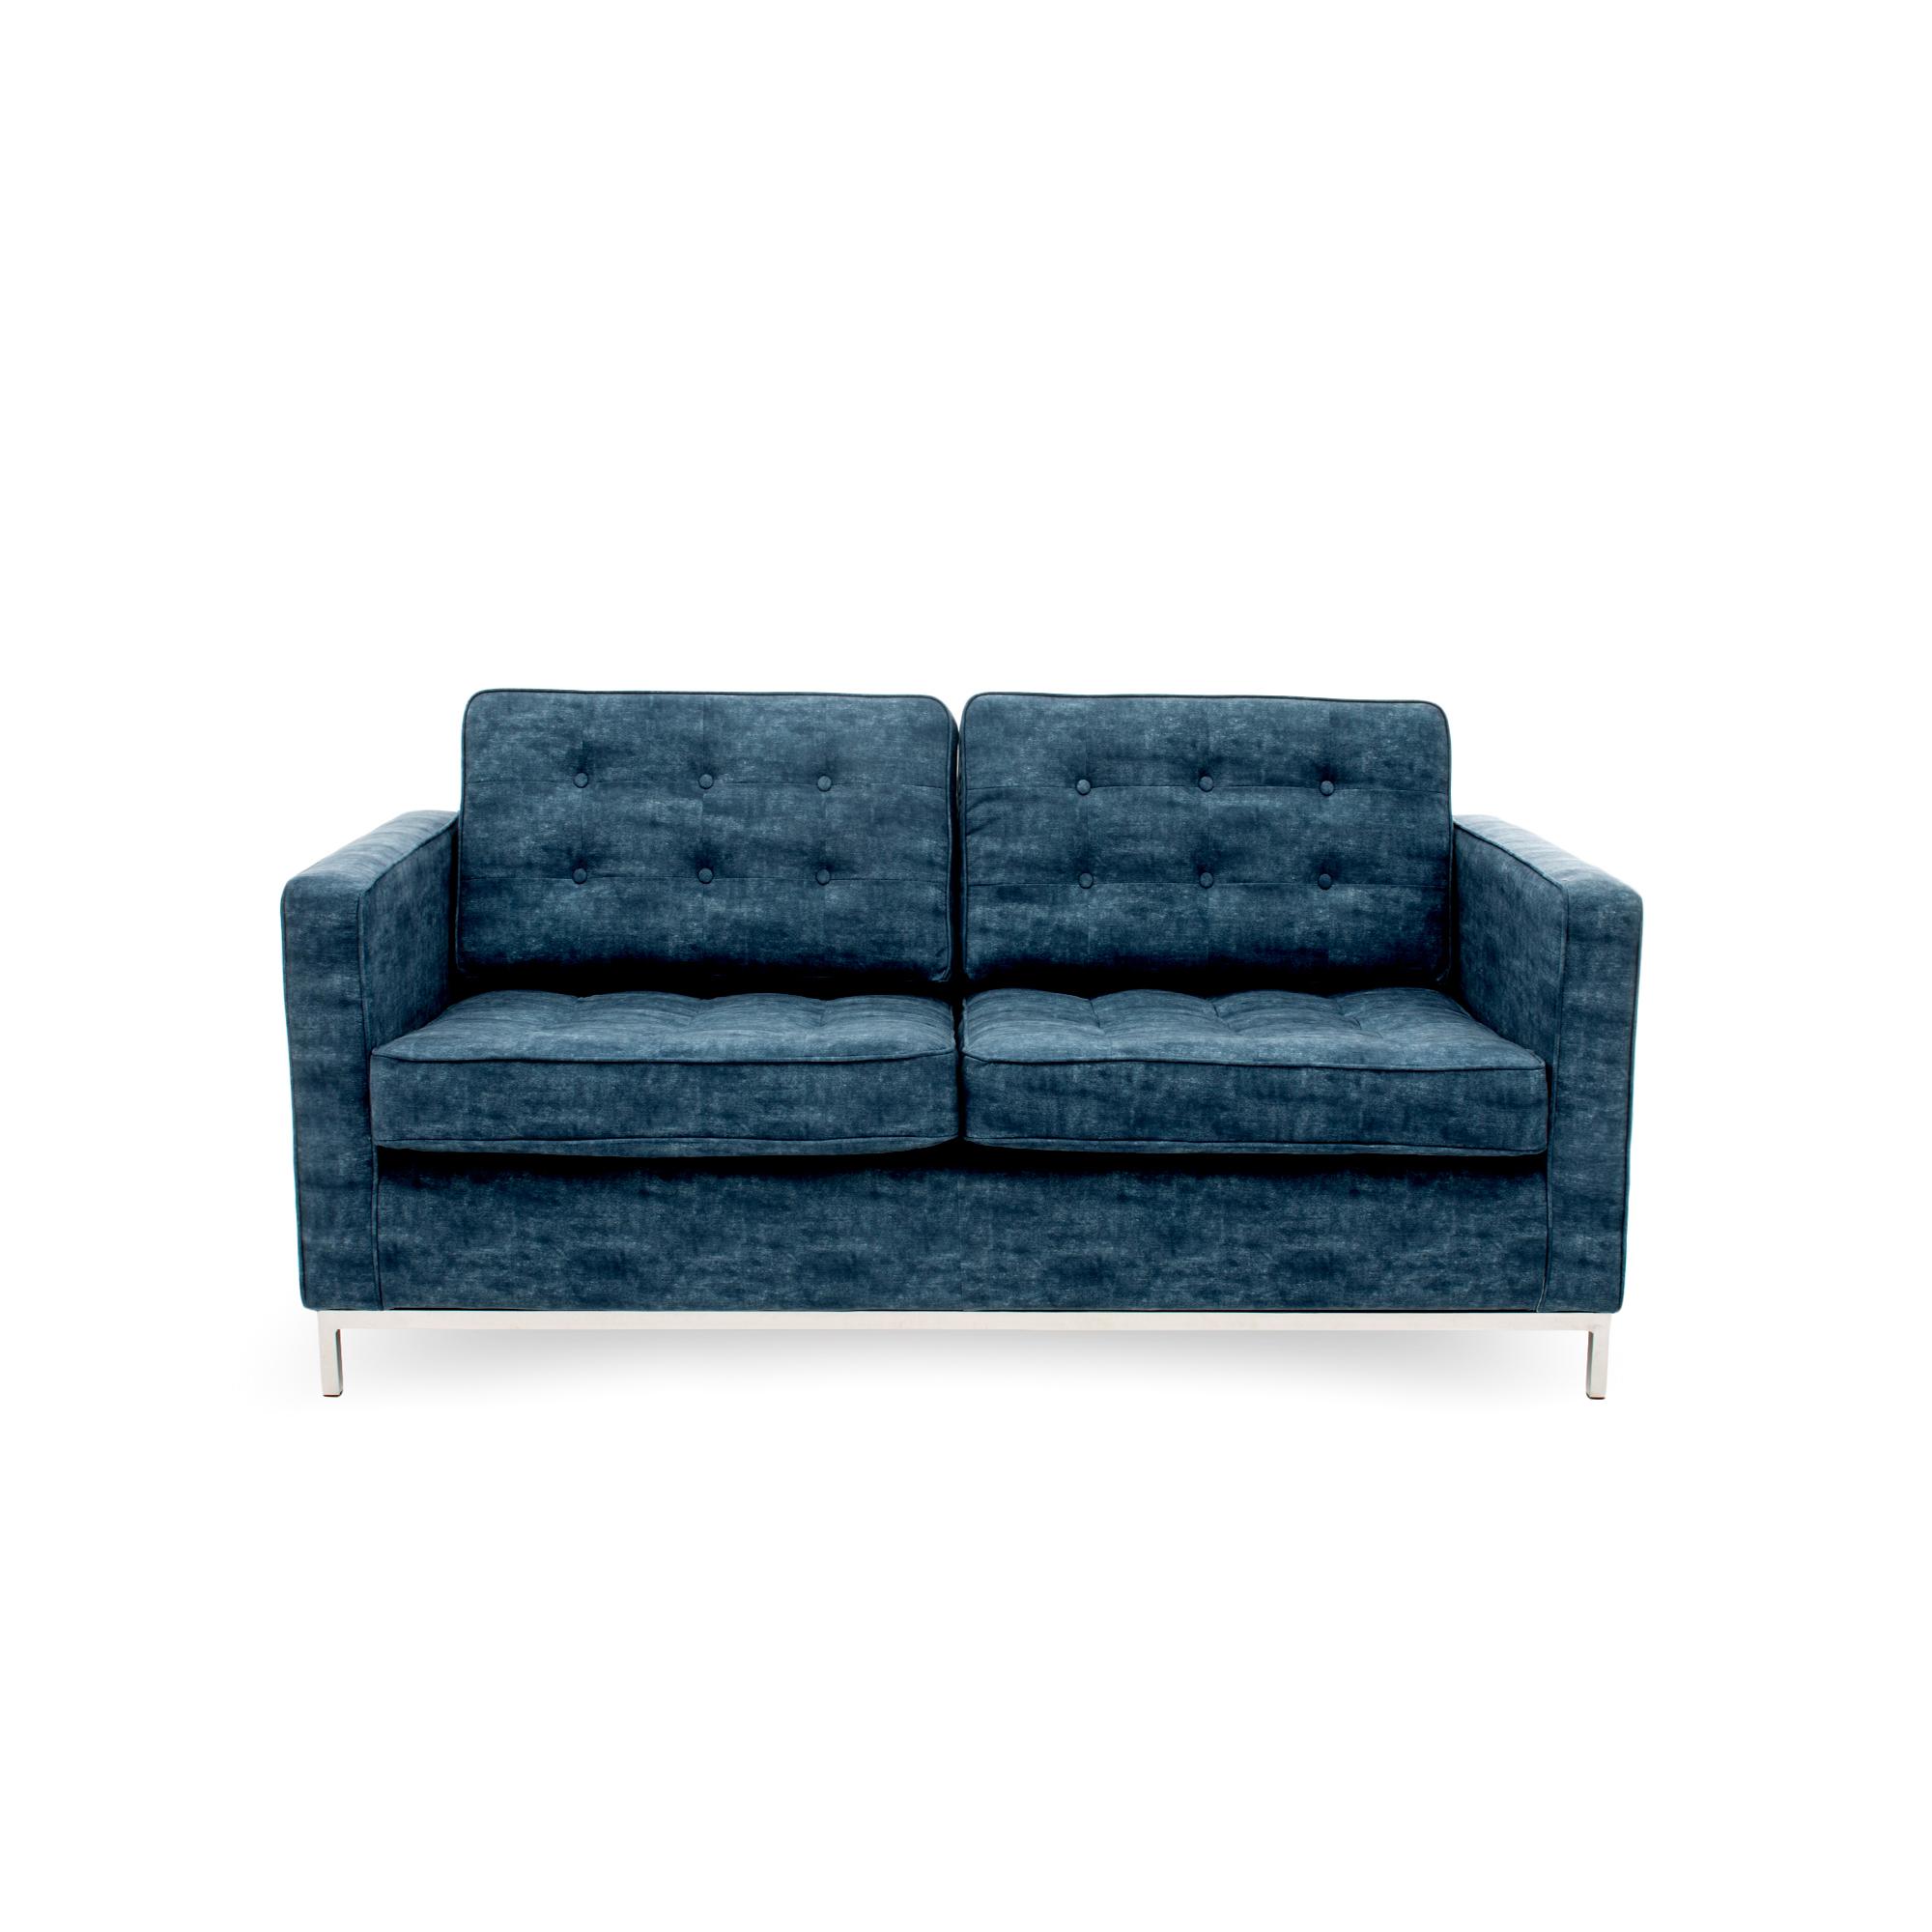 Canapea Fixa 2 locuri Ben Dark Blue